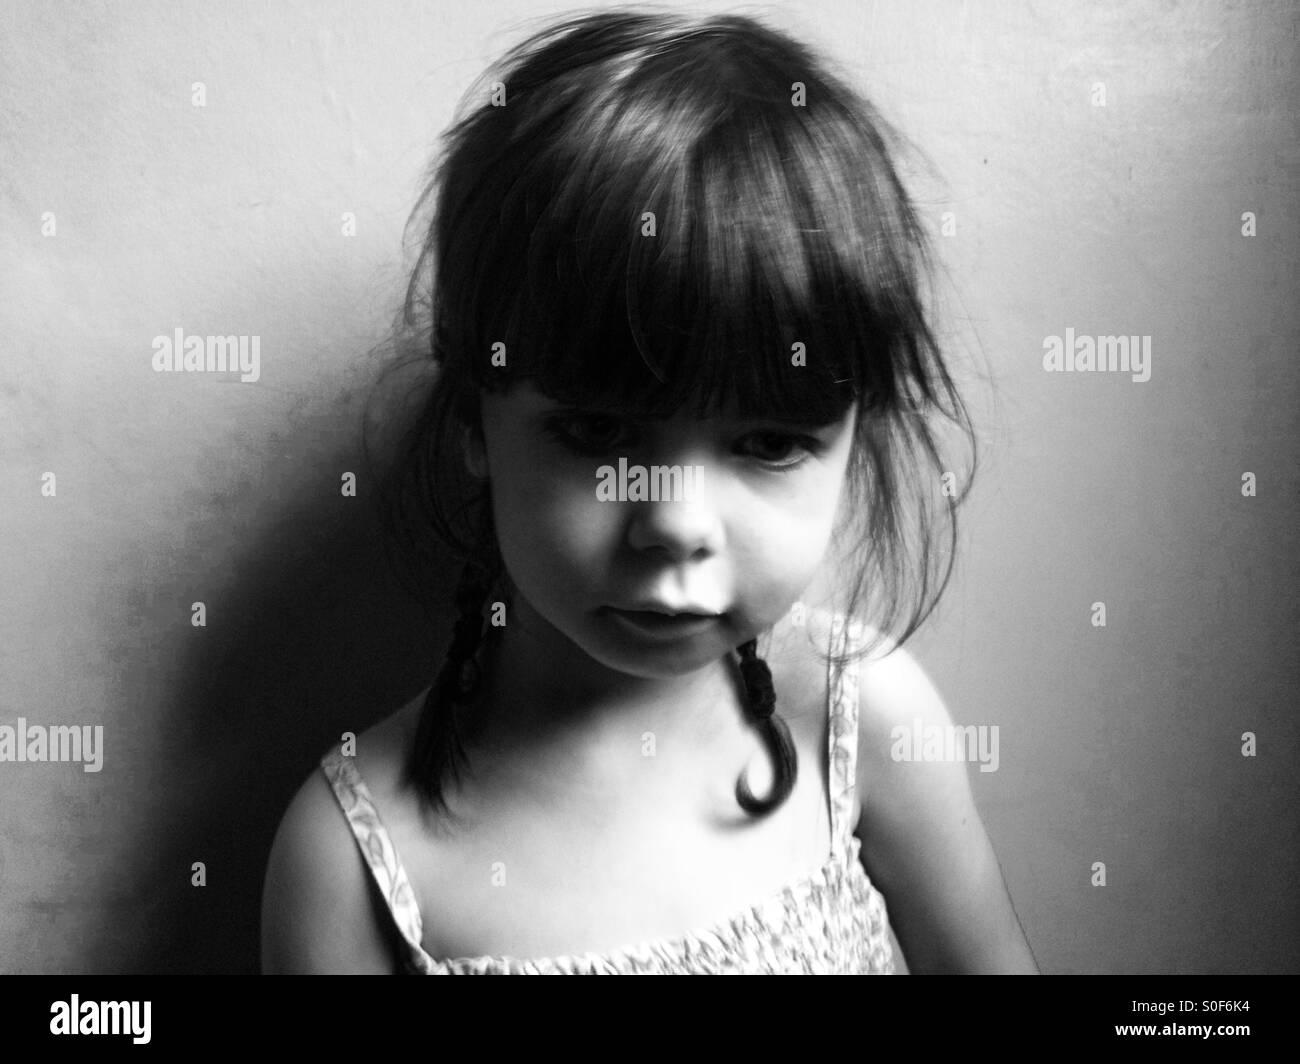 Malheureux 3-year old girl Photo Stock